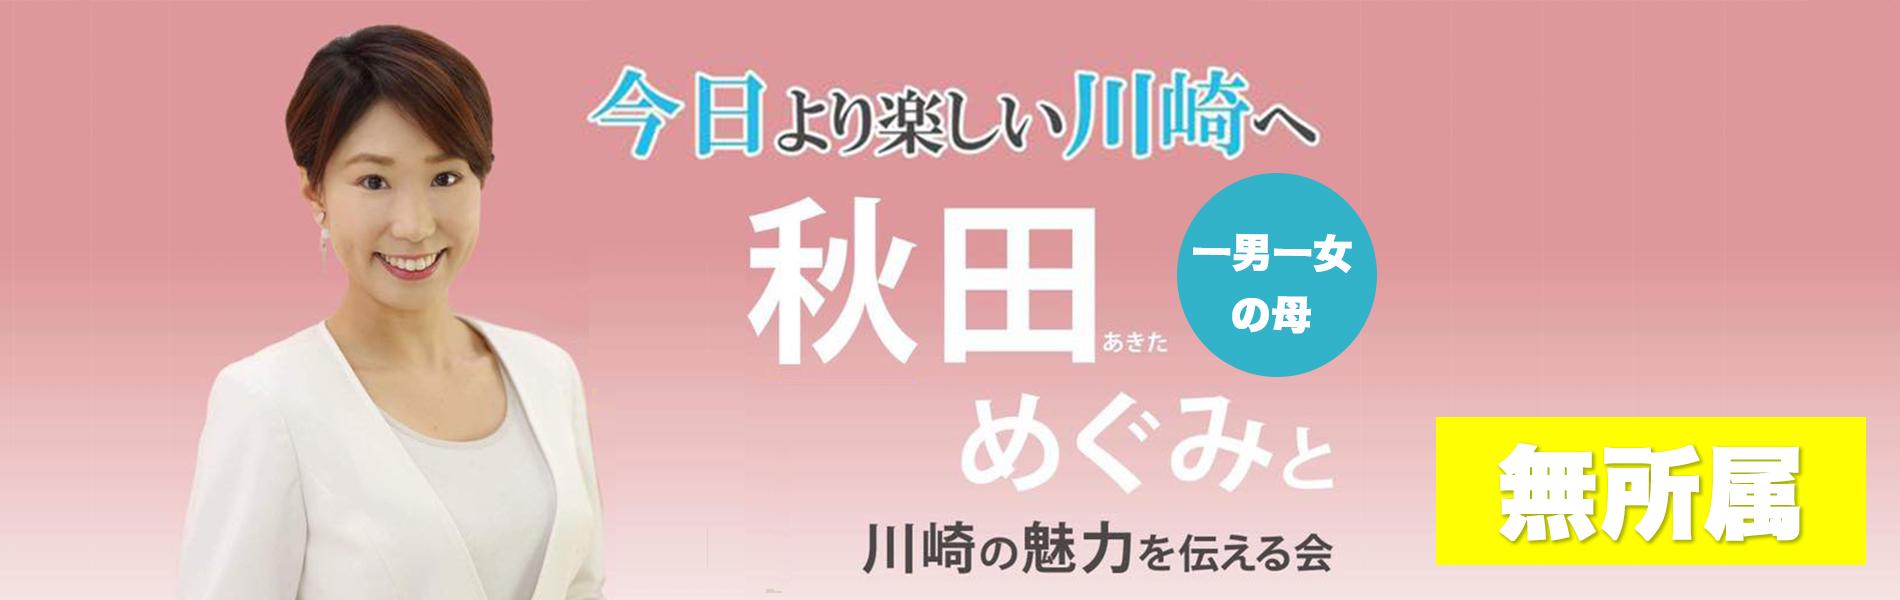 """秋田めぐみと""""川崎の魅力""""を伝える会"""